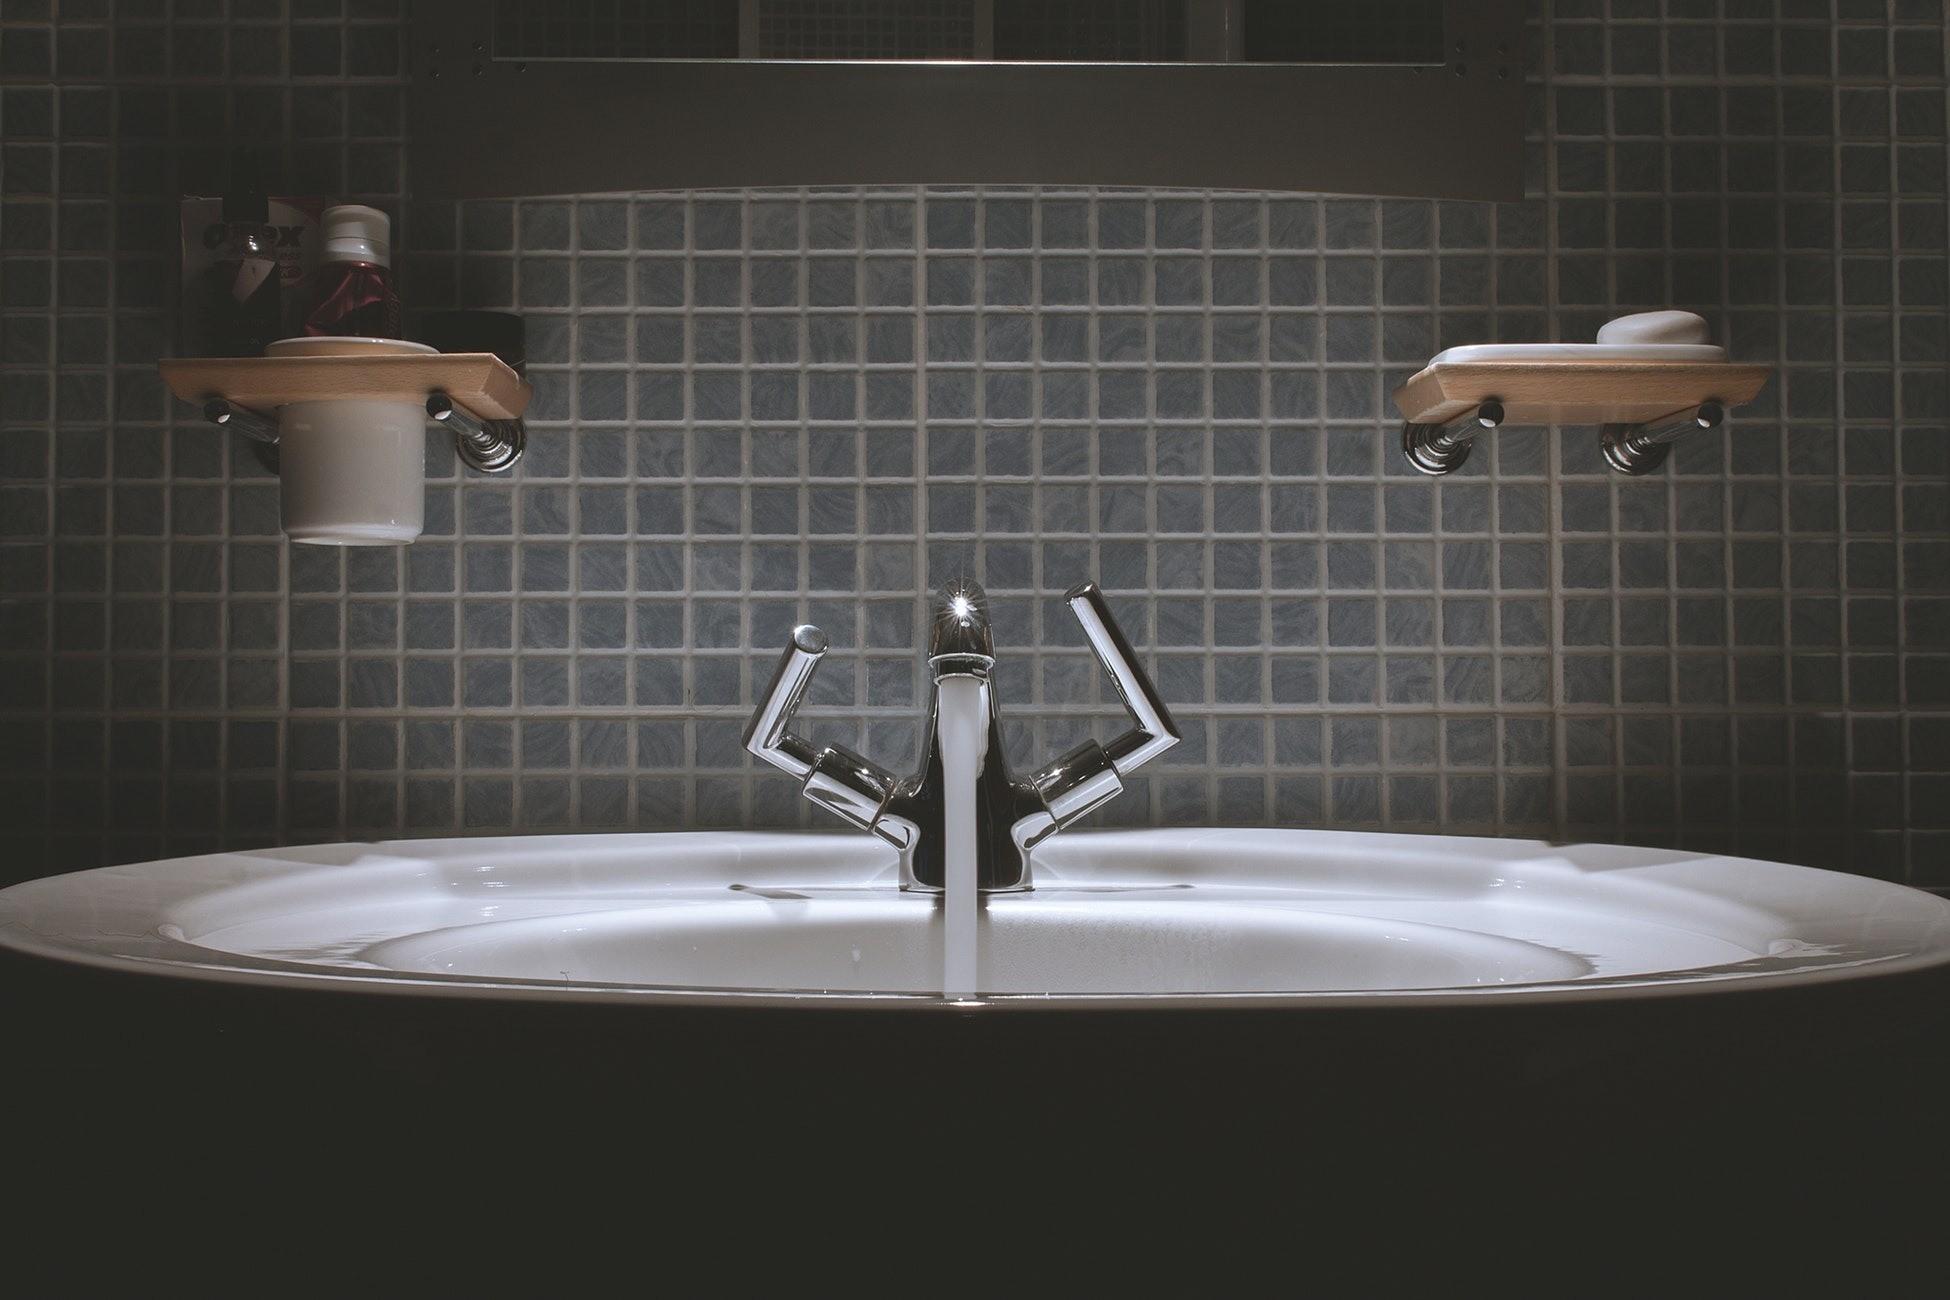 На рынке появился прибор, который поможет ежедневно контролировать расход воды